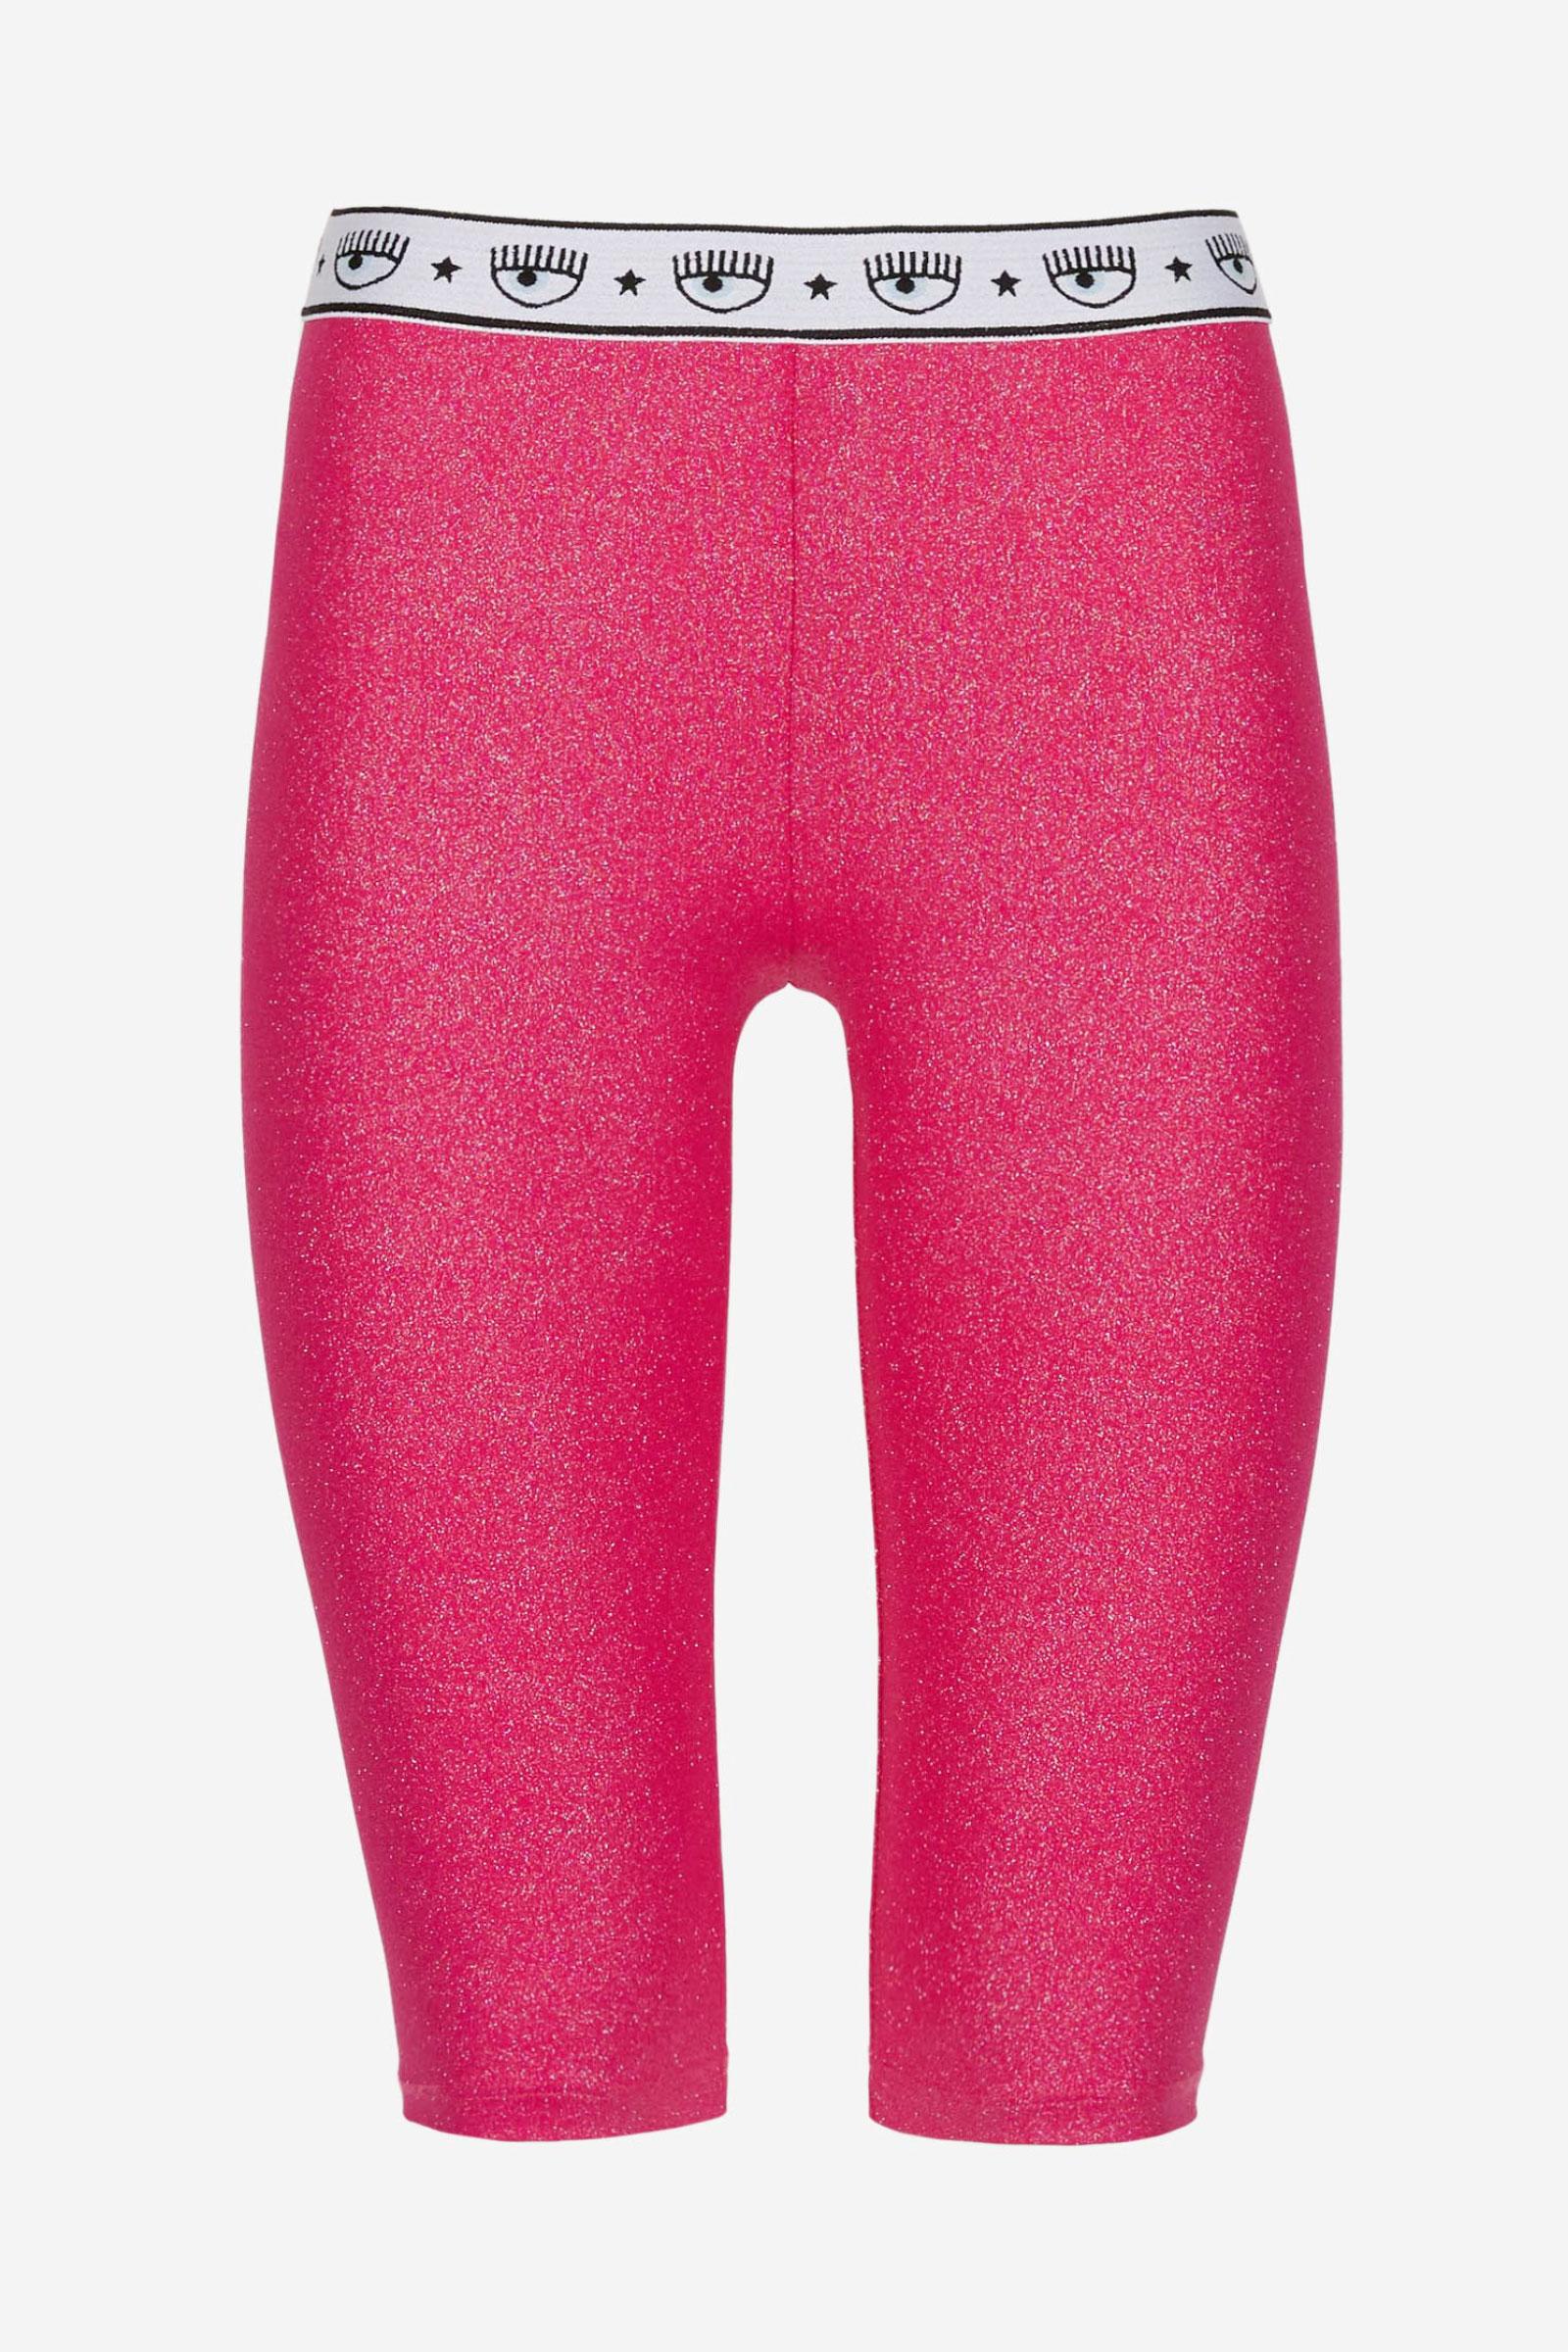 Shorts Donna CHIARA FERRAGNI   Shorts   71CBD190 J0017446